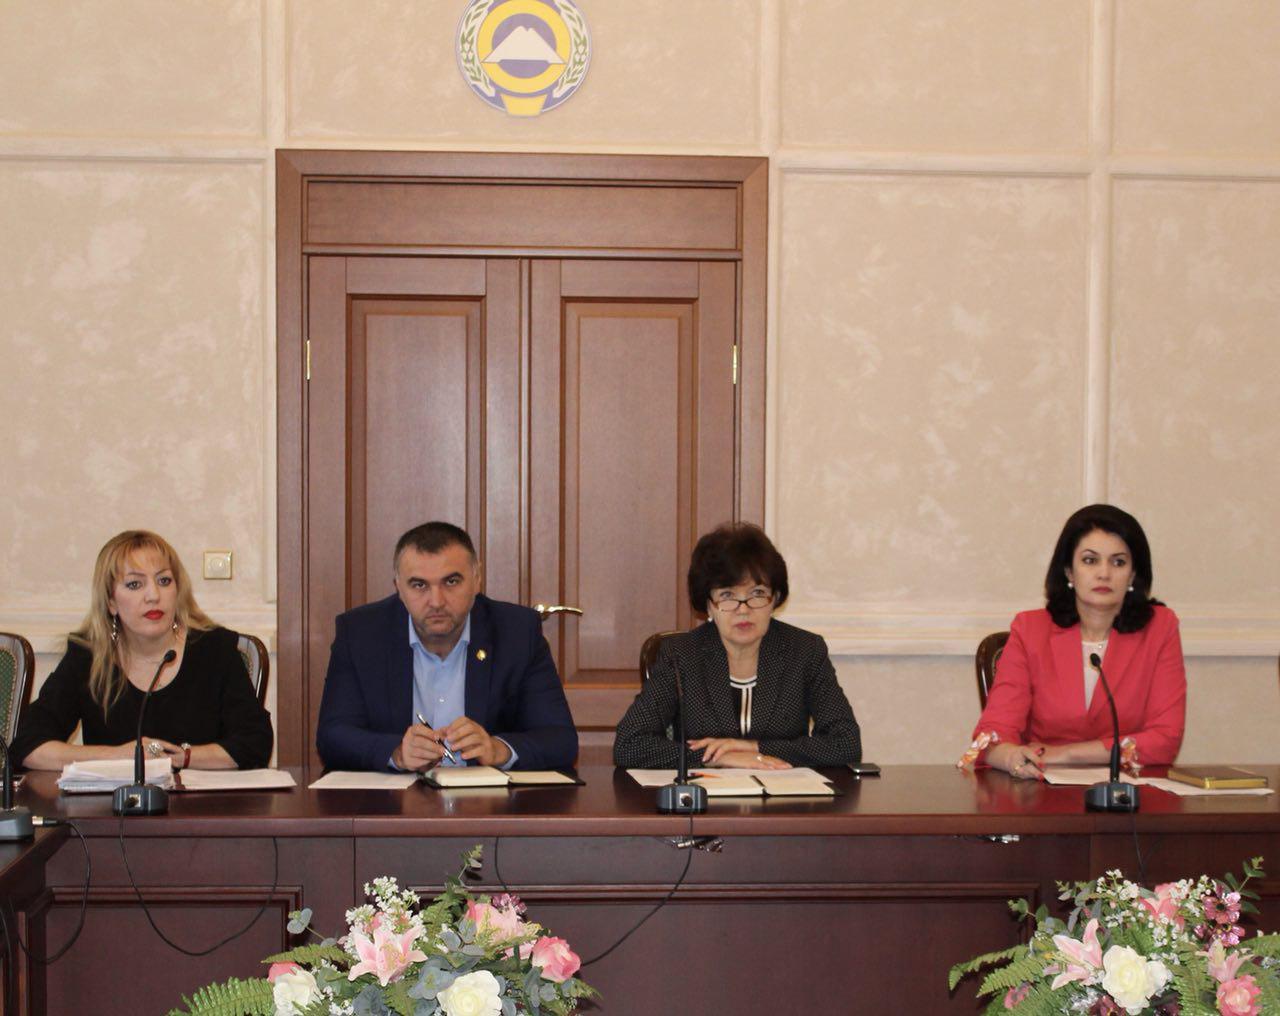 Заседание Методического совета по внедрению федеральных стандартов бухгалтерского учета для организаций государственного сектора